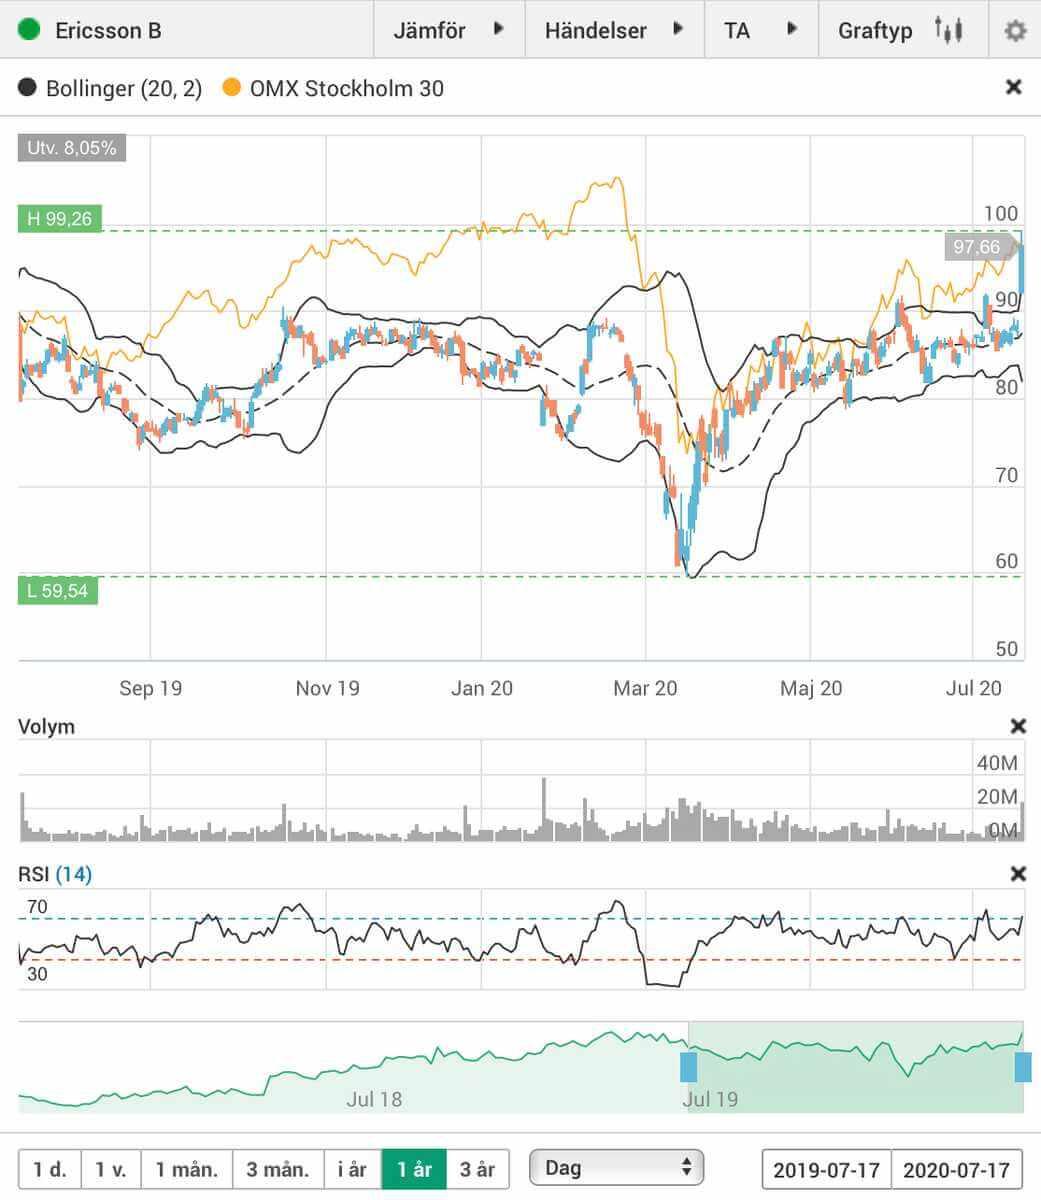 Avanza - skärmdump med RSI, Bollingerband och volym för trading